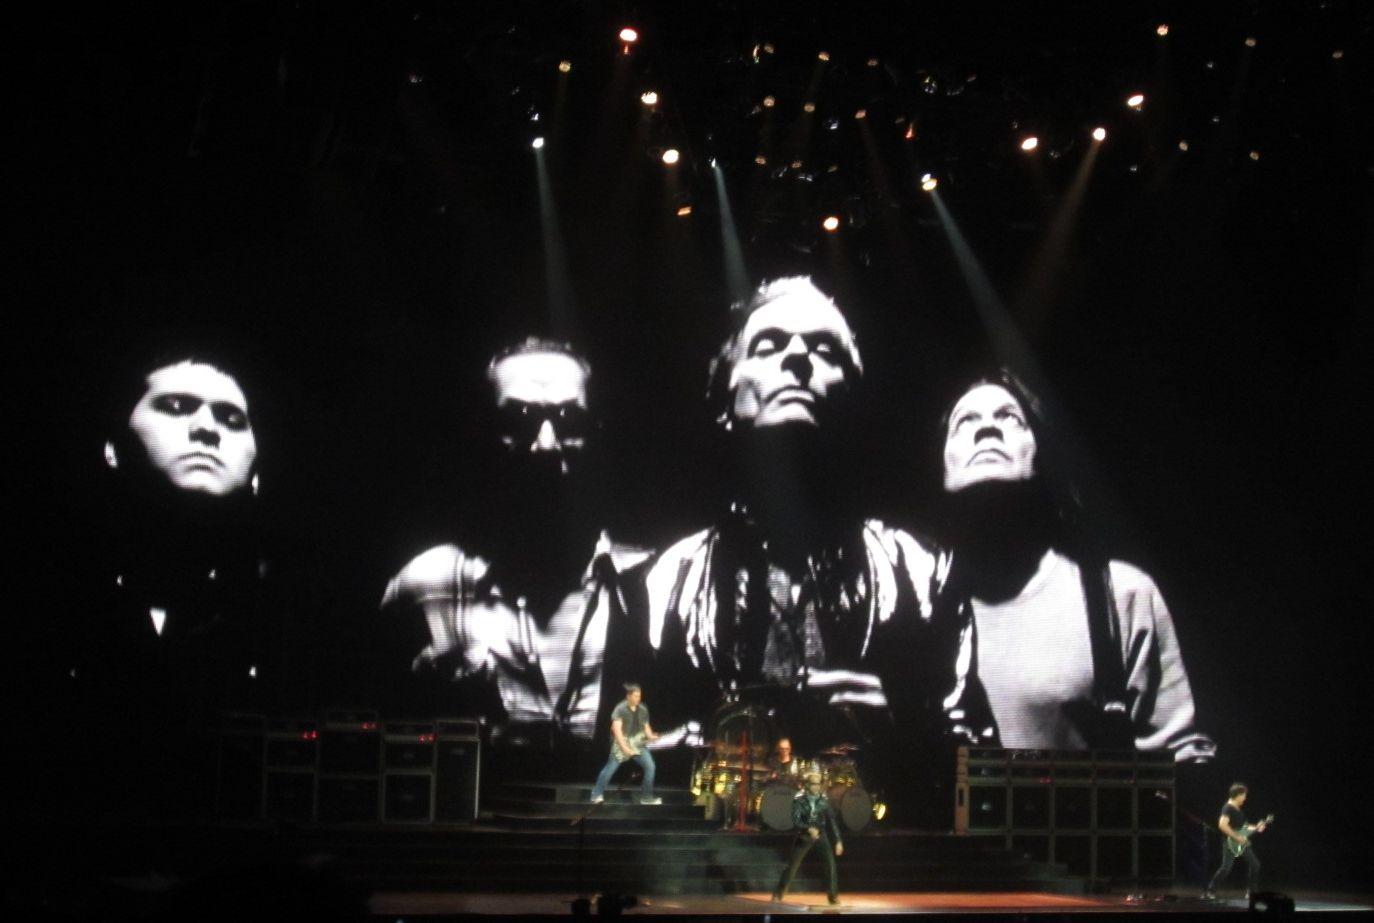 Van Halen With Wolfgang Van Halen